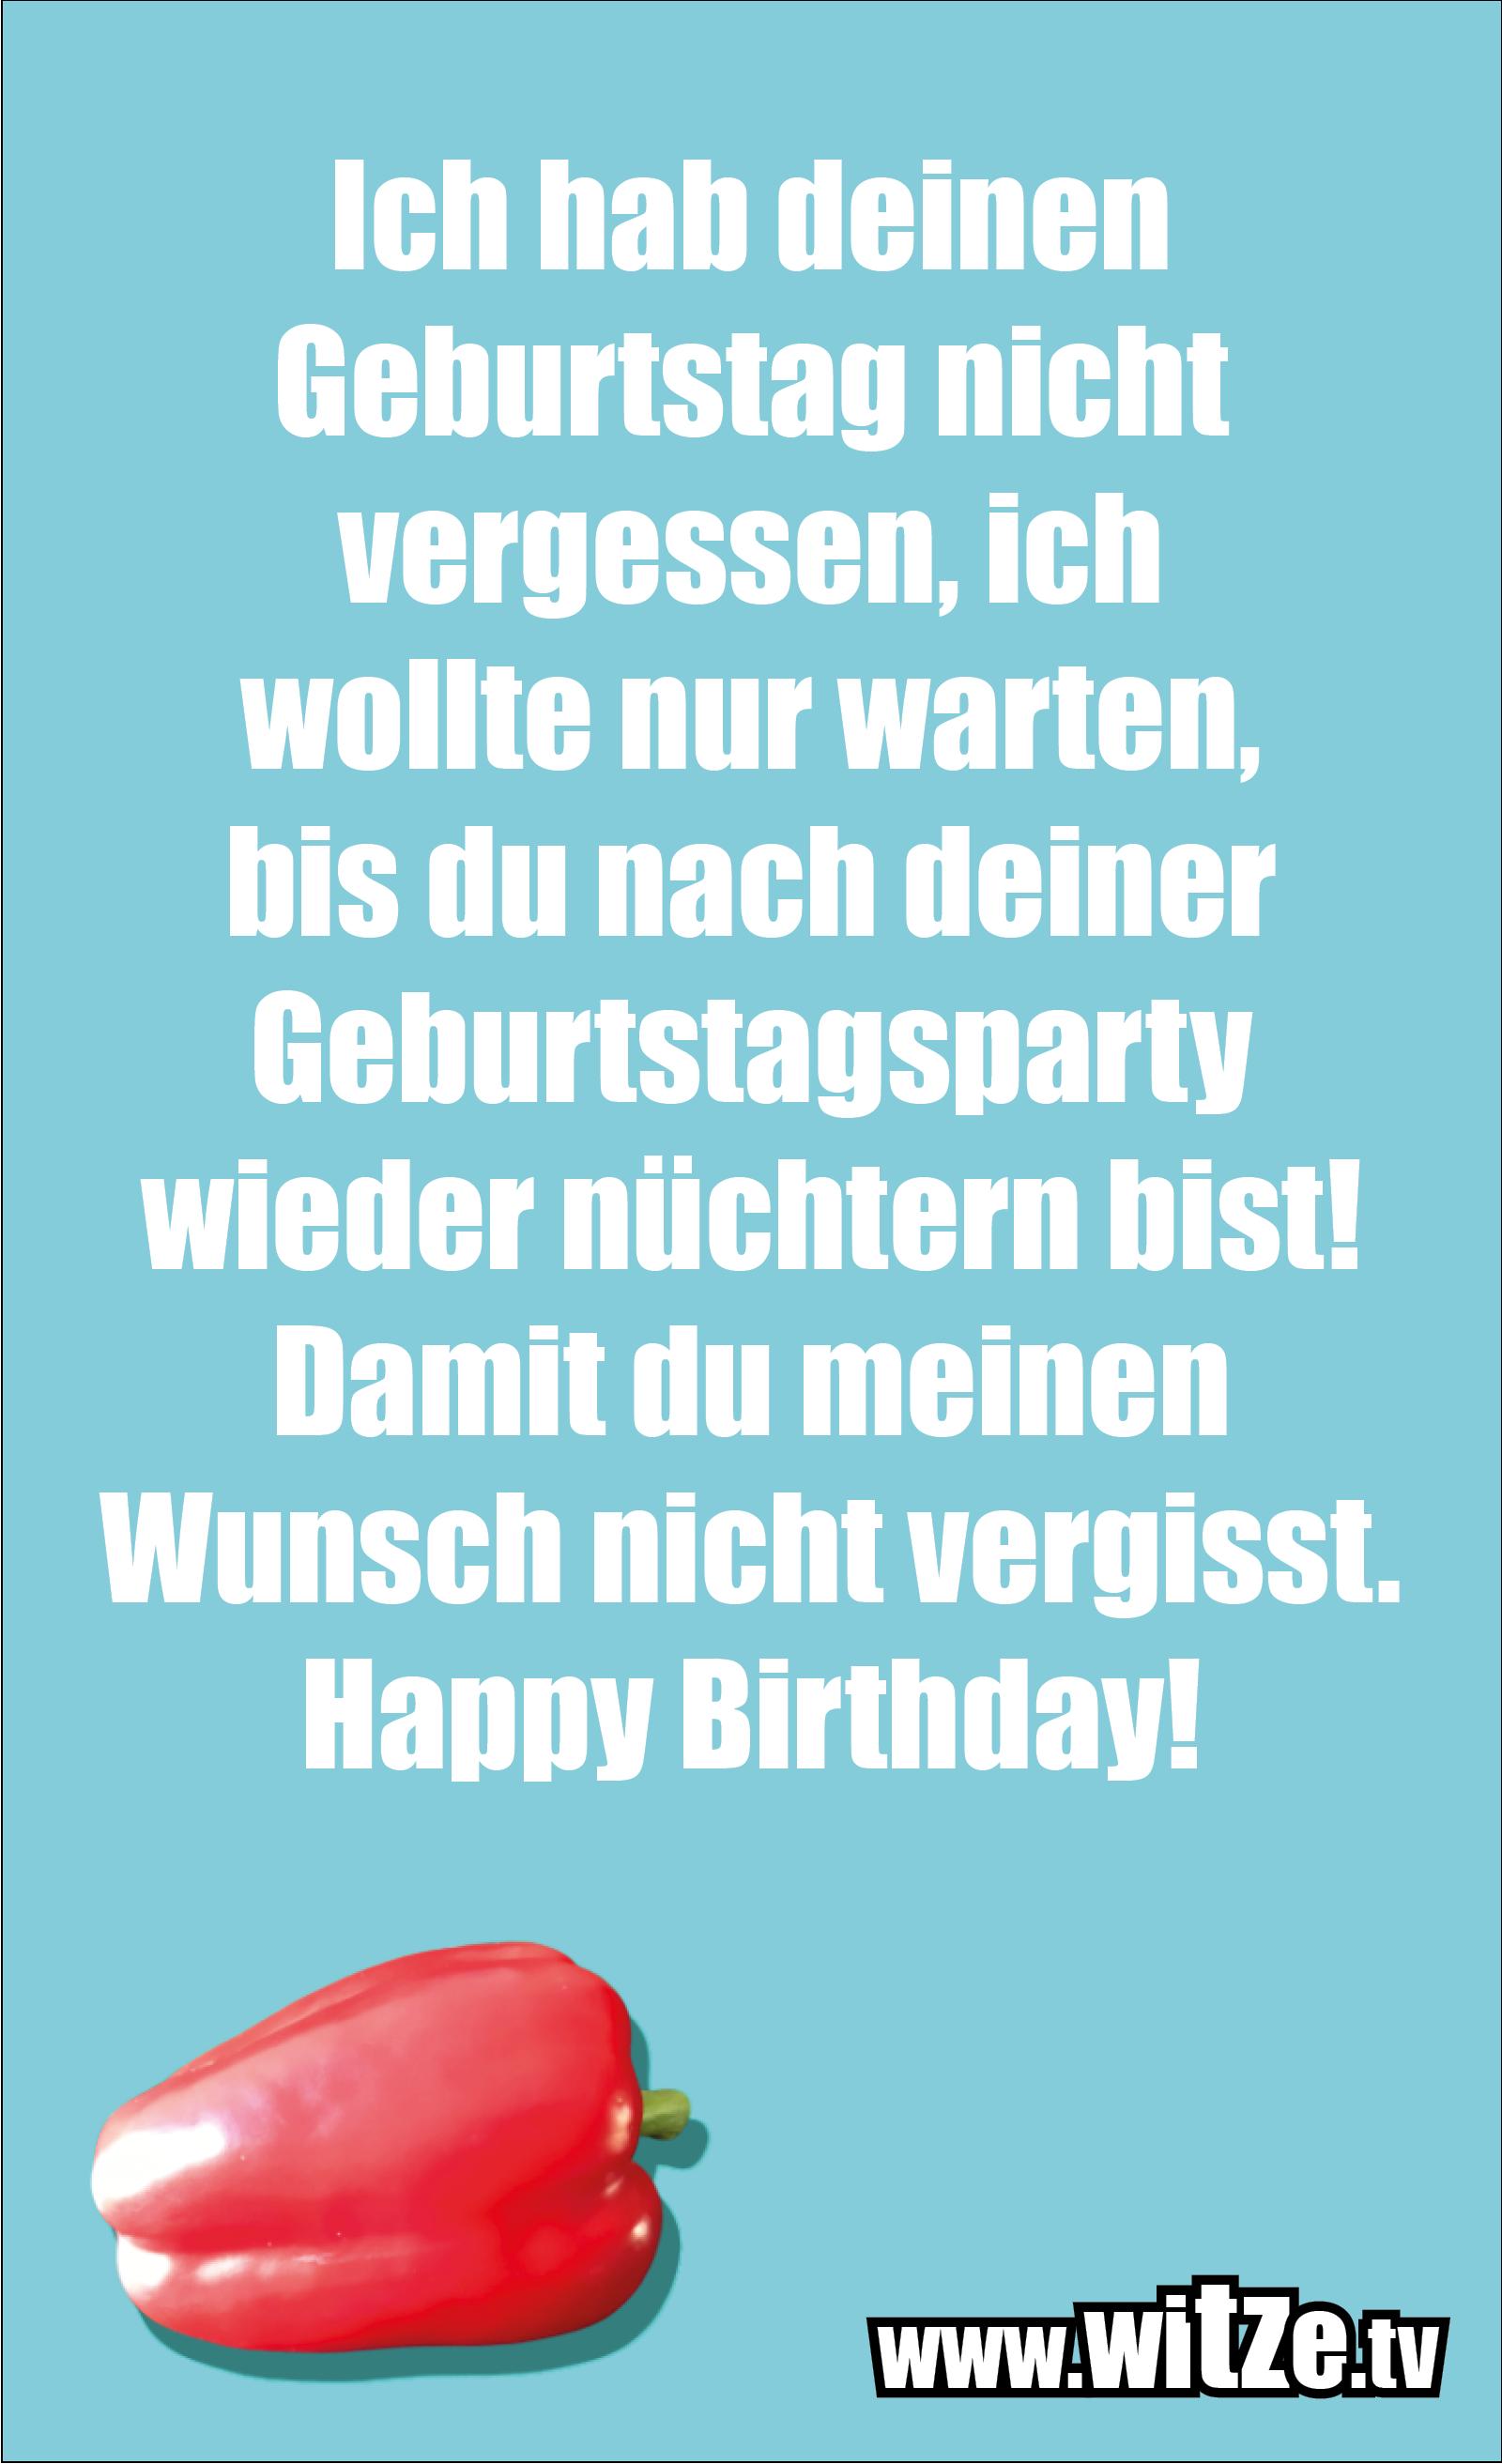 Lustige Geburtstagswünsche: Ich hab deinen Geburtstag nicht vergessen, ich wollte nur warten, bis du nach deiner Geburtstagsparty wieder nüchtern bist! Damit du meinen Wunsch nicht vergisst. Happy Birthday!